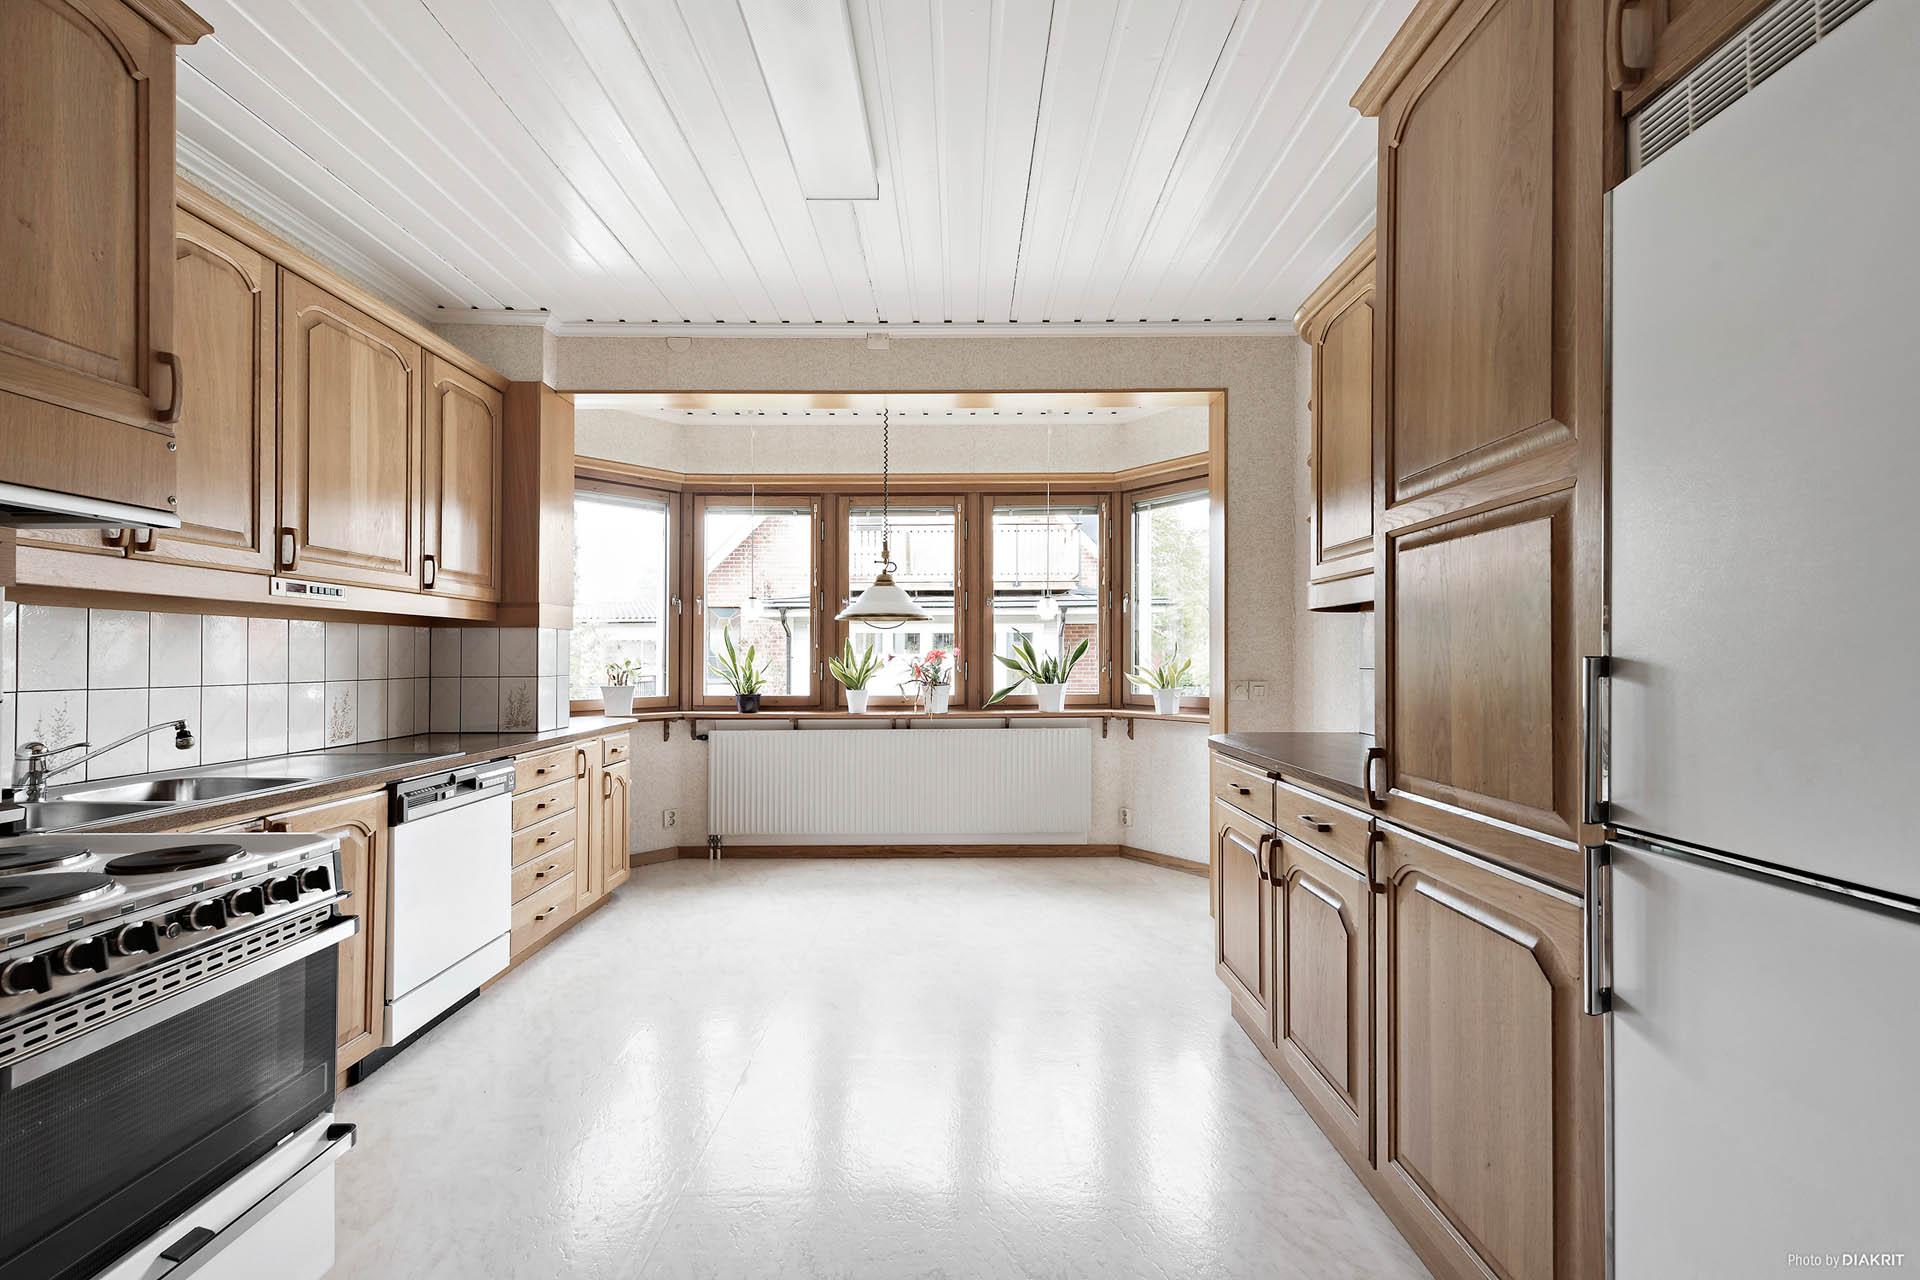 Lägenhet på entréplan:  Kök